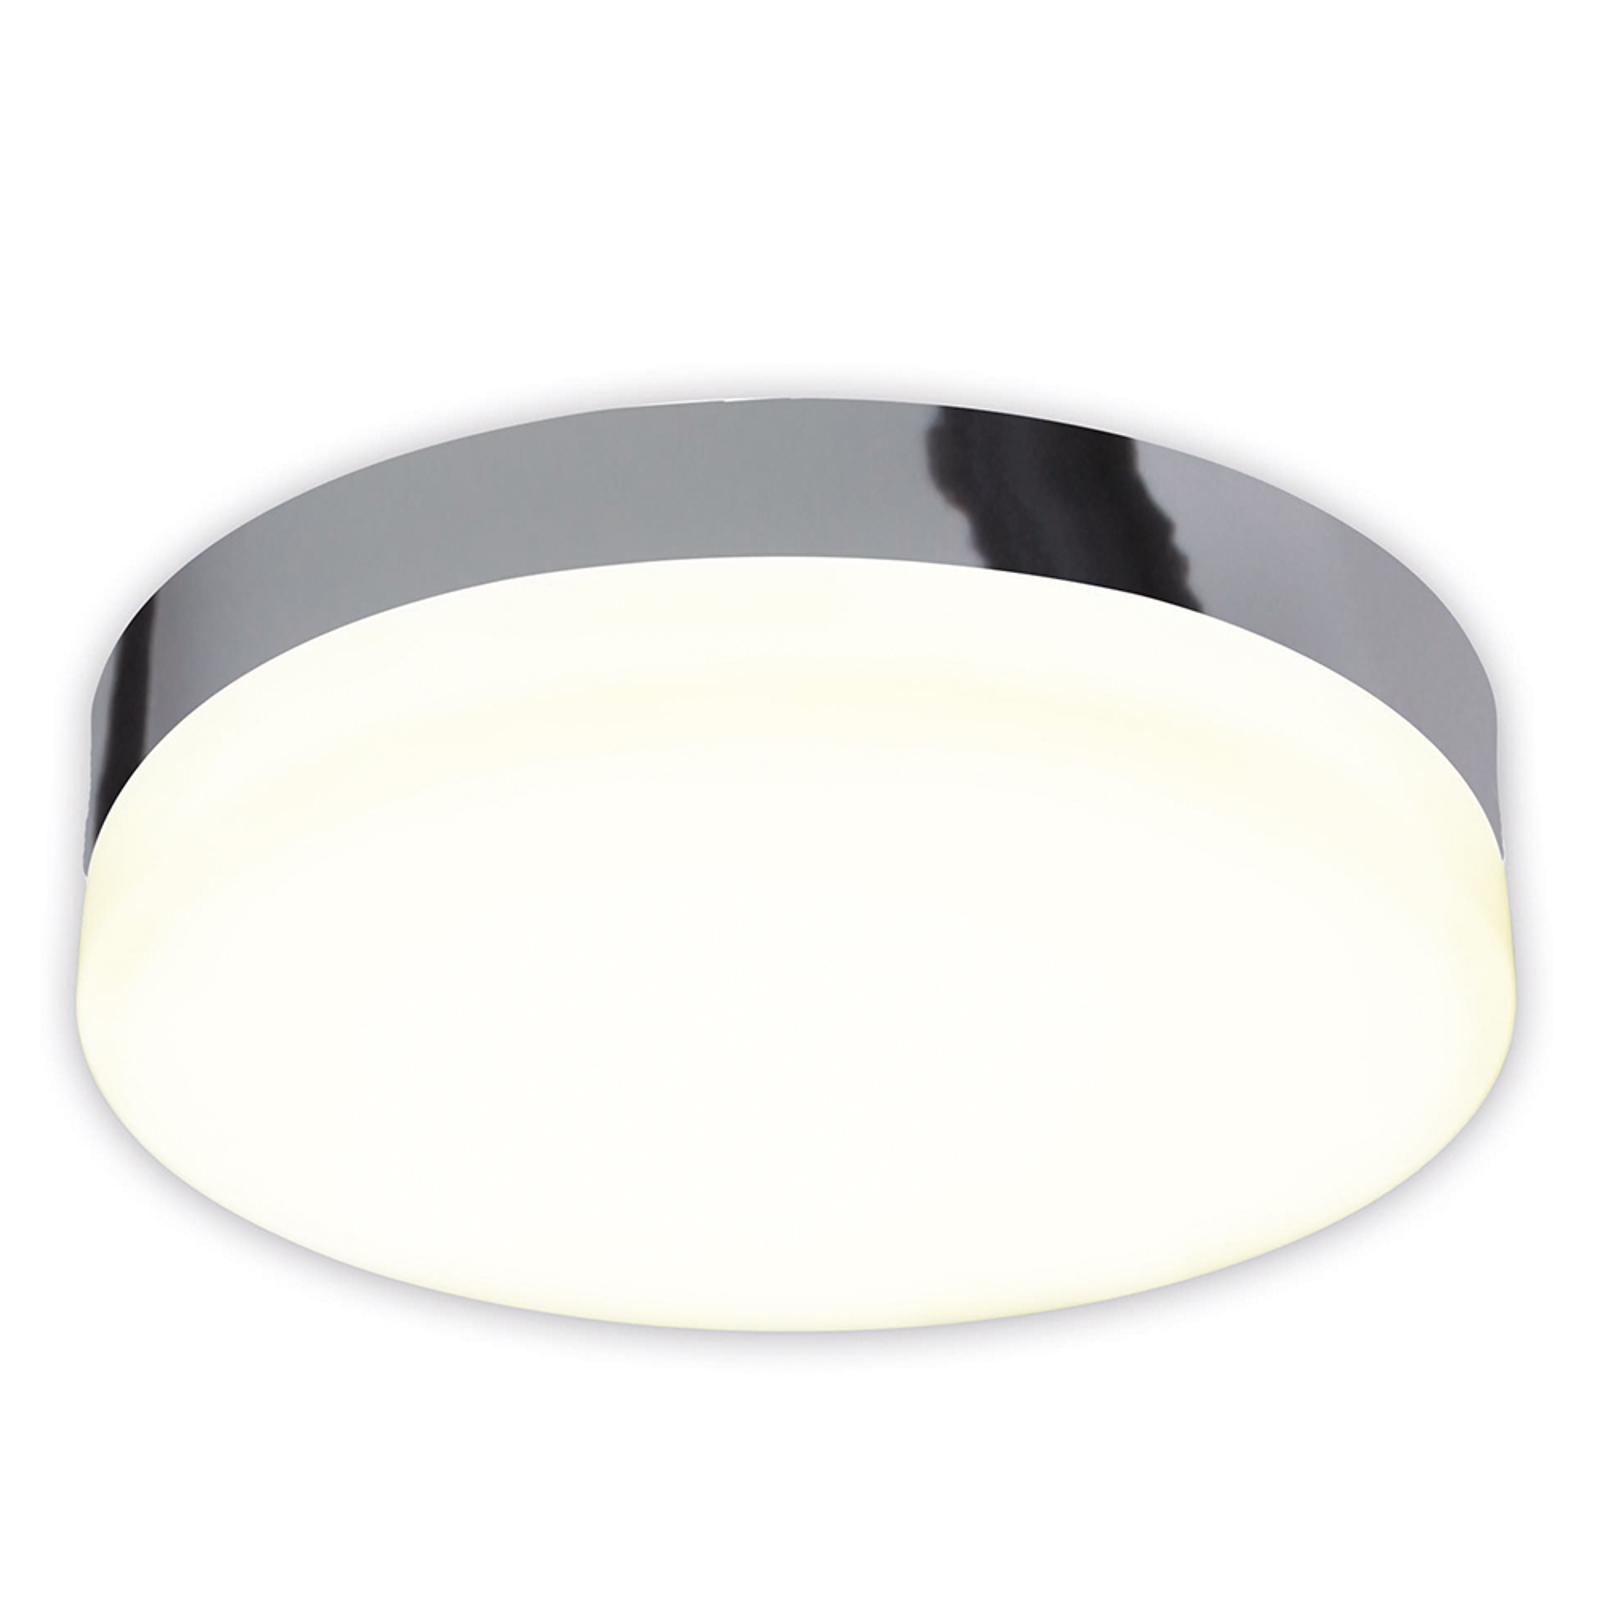 Runde LED-Deckenlampe Paris mit Fernbedienung